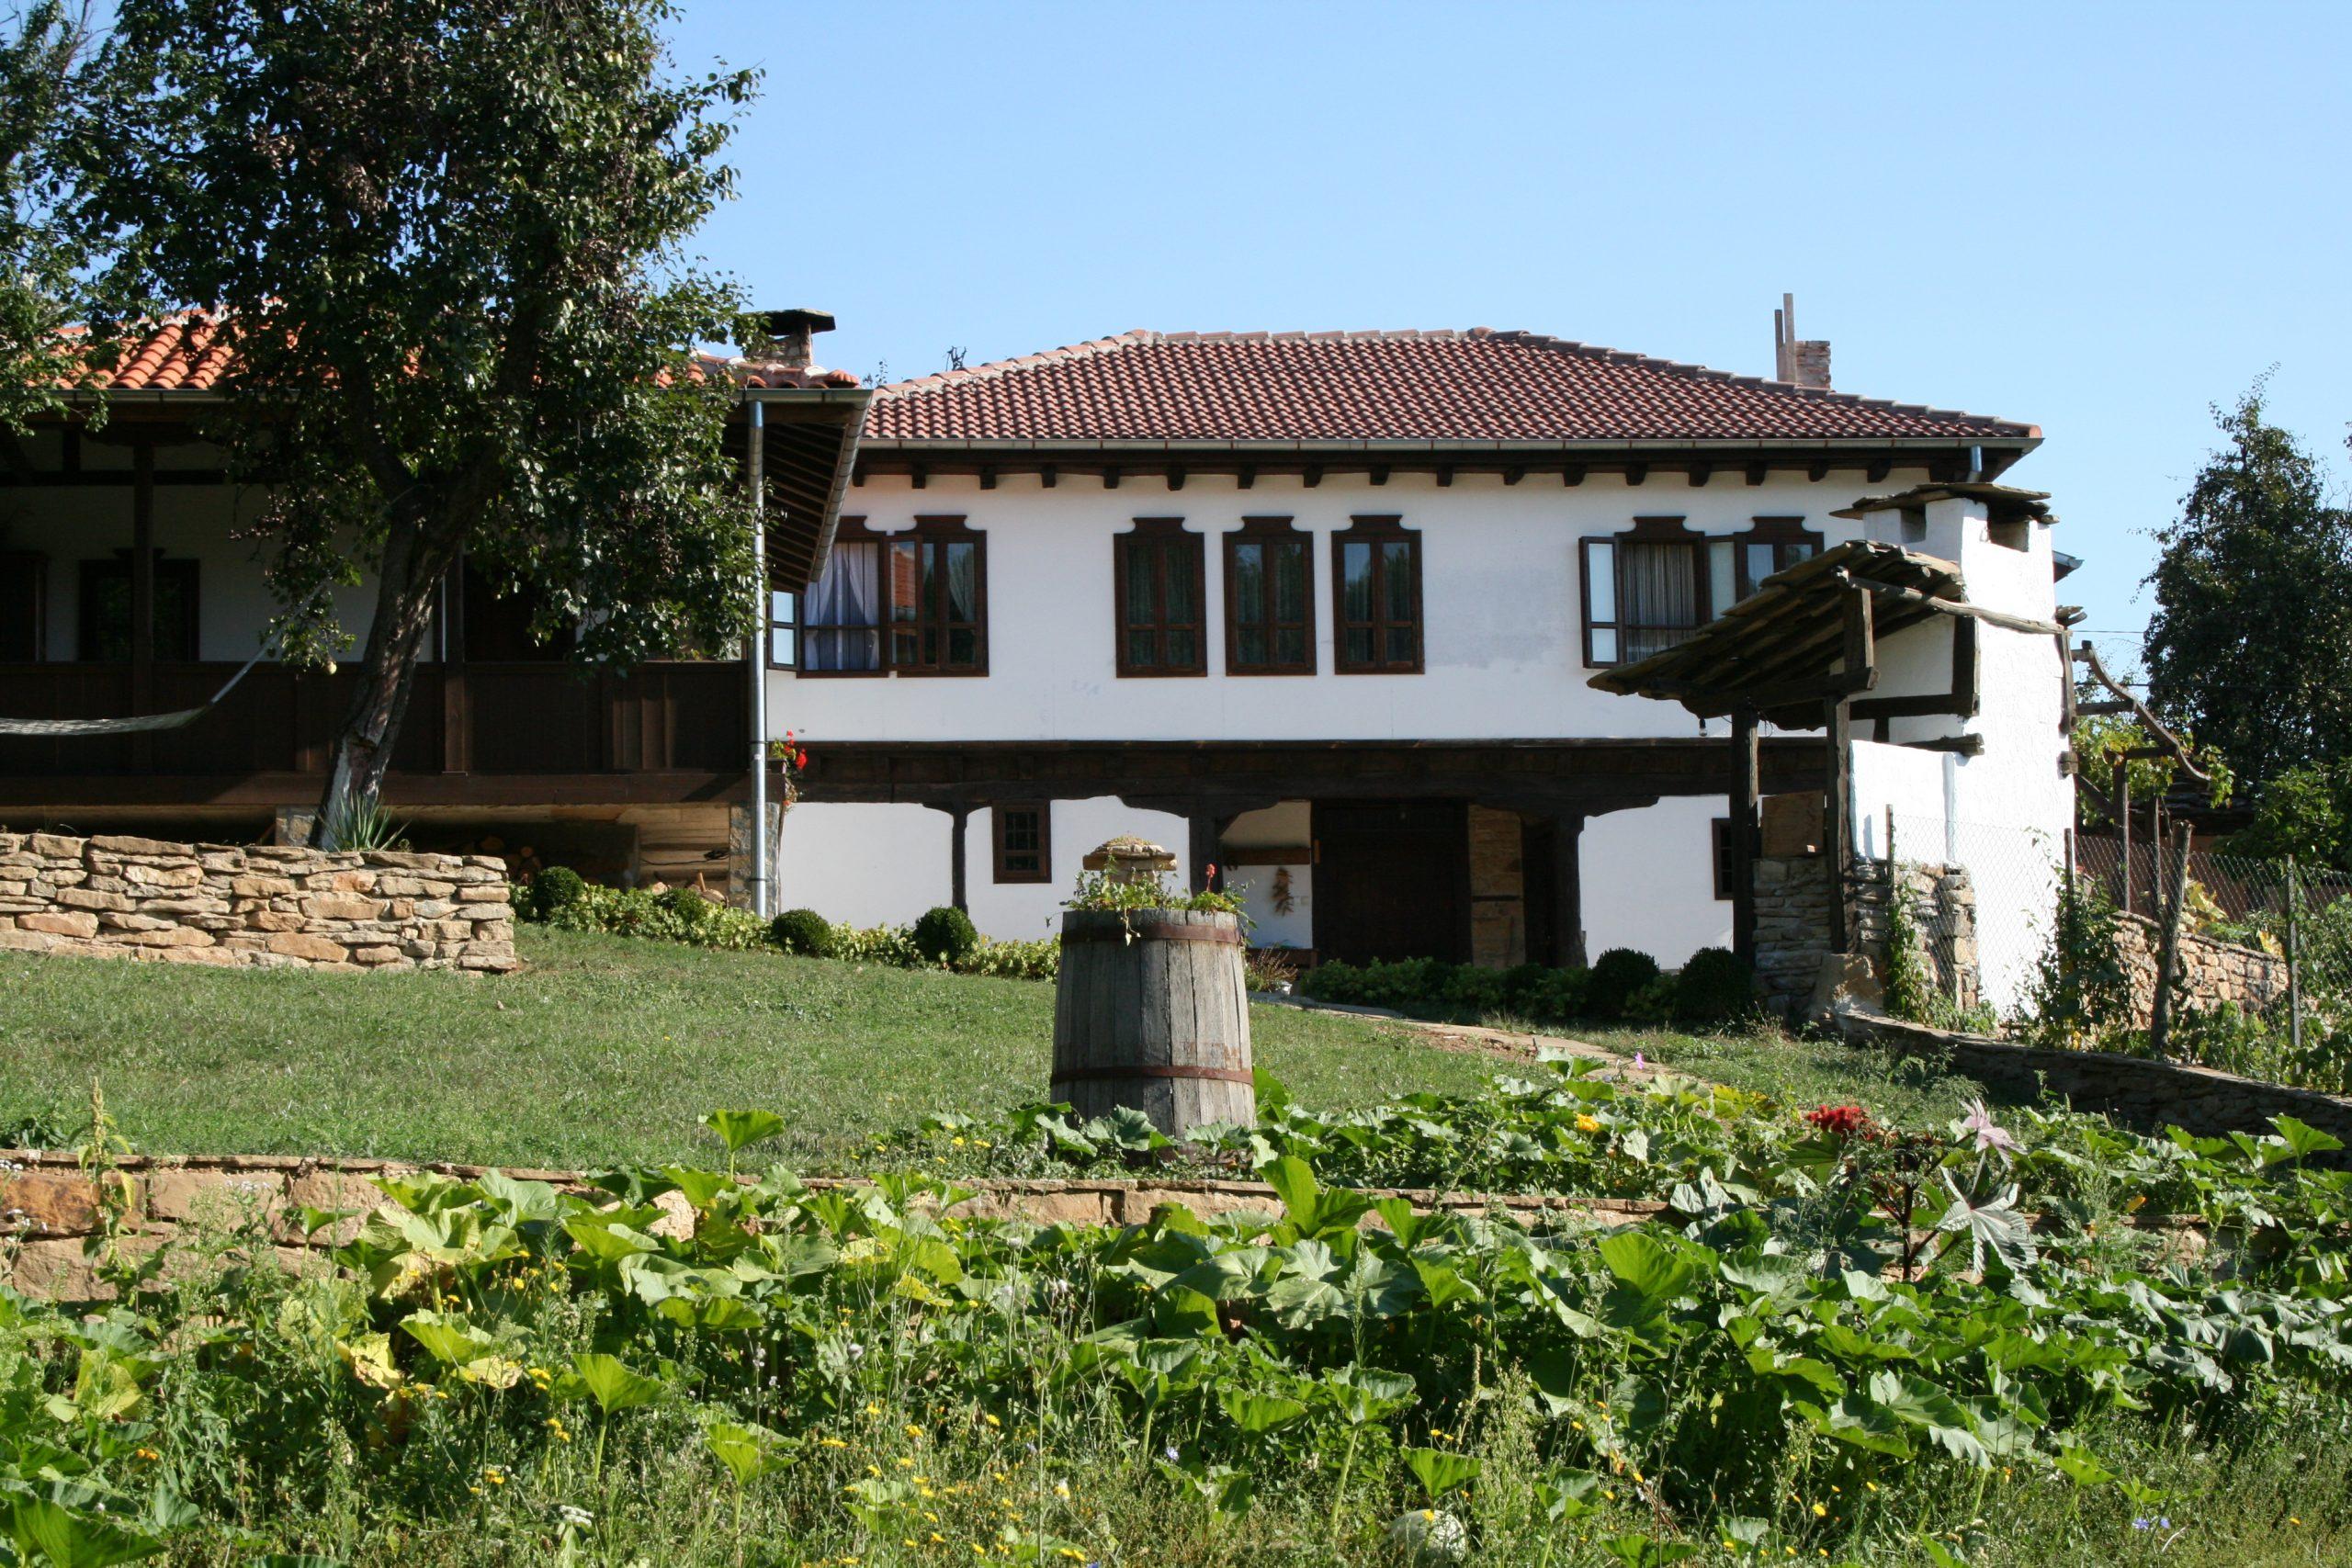 Реставрация на стари къщи - камък и дърво